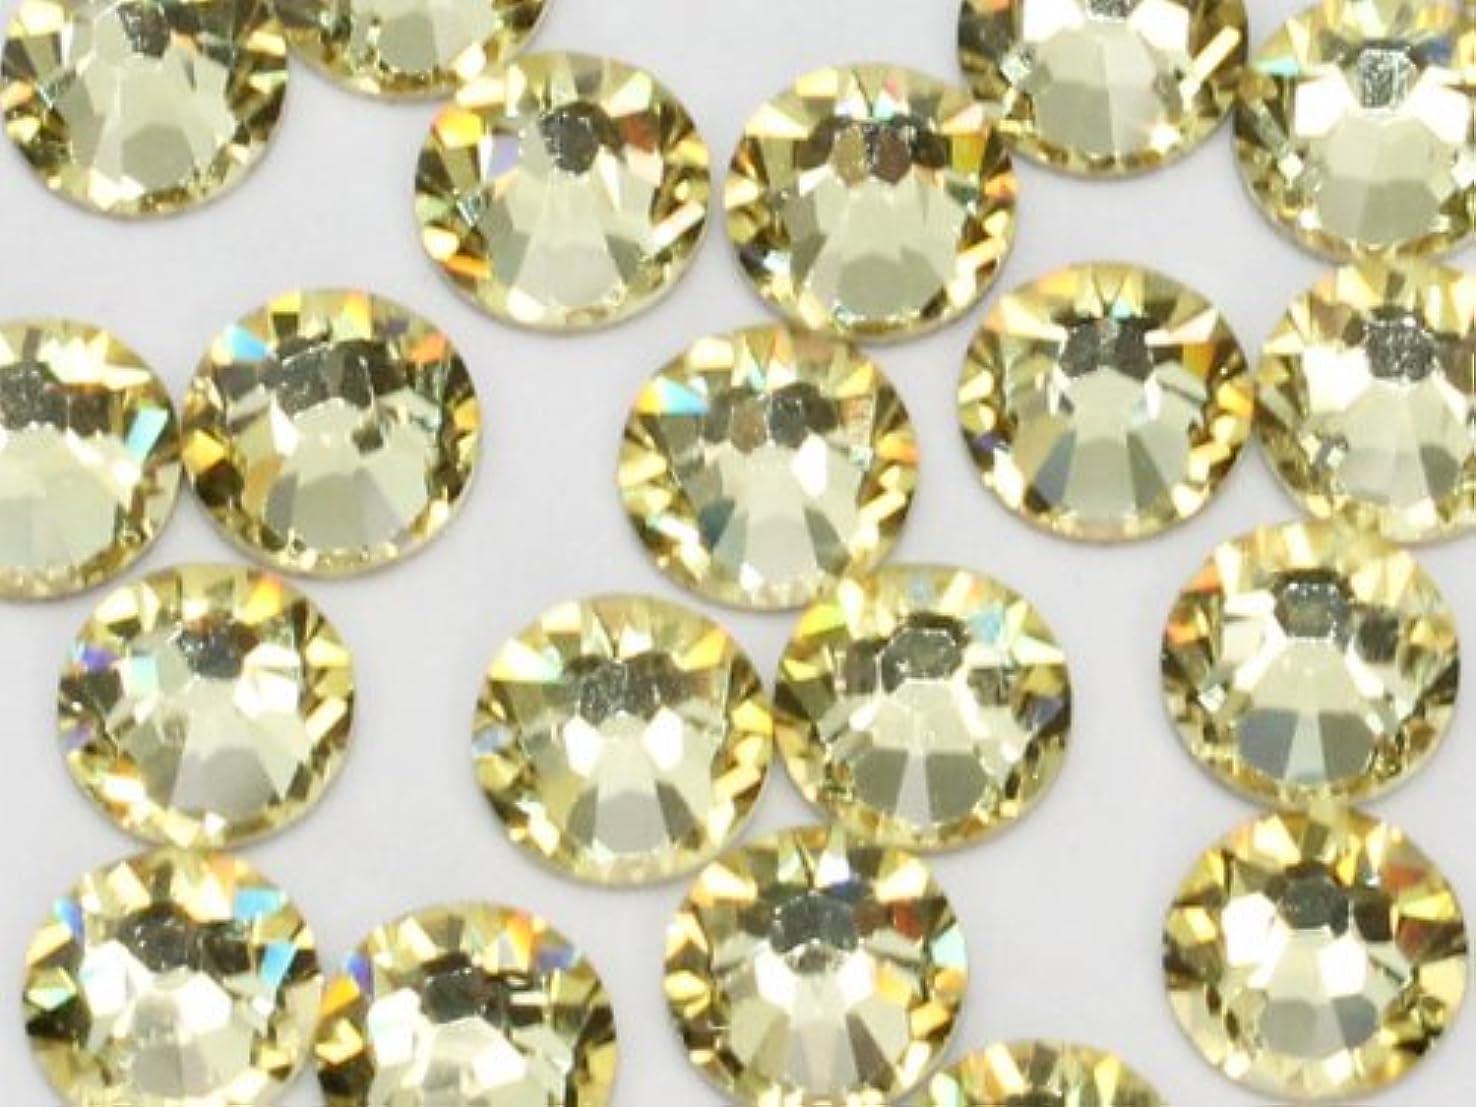 圧縮された宝石恥2058 ジョンキルss5(100粒入り)スワロフスキーラインストーン(nohotfix)